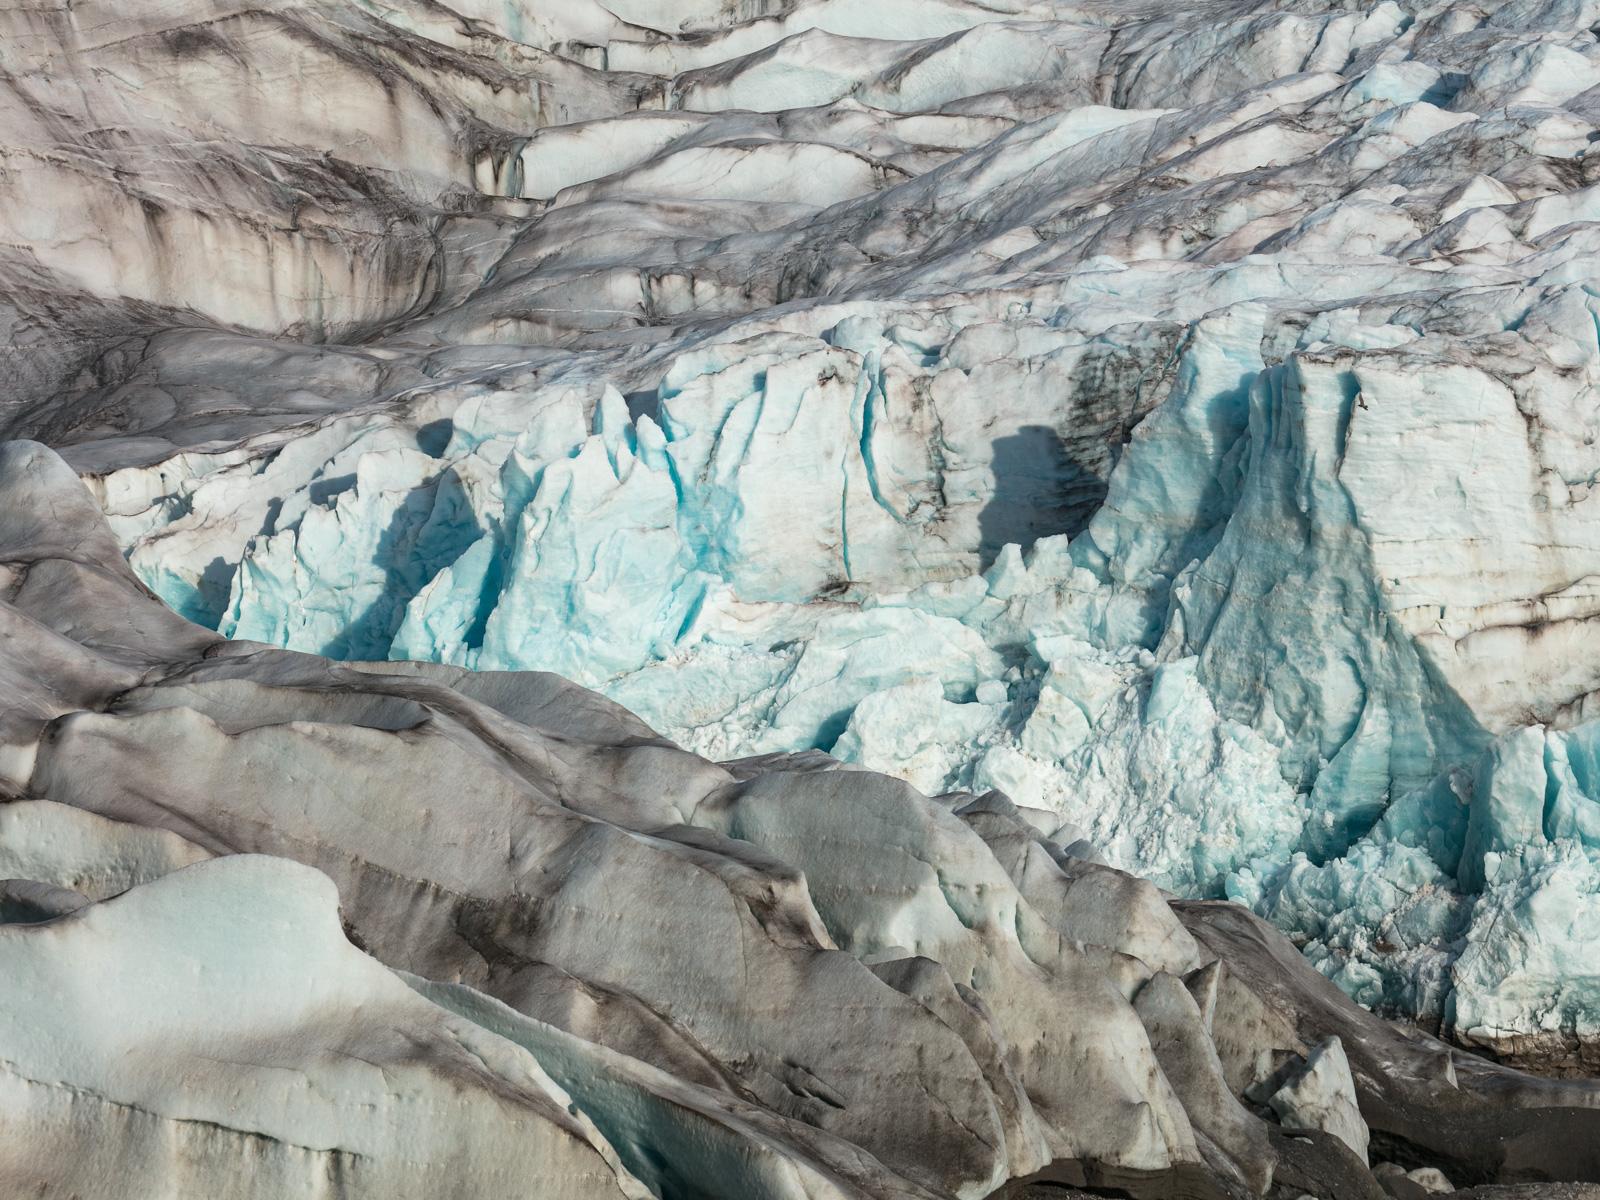 Svalbard_Spitsbergen_Ghiacciaio_Glacier-6